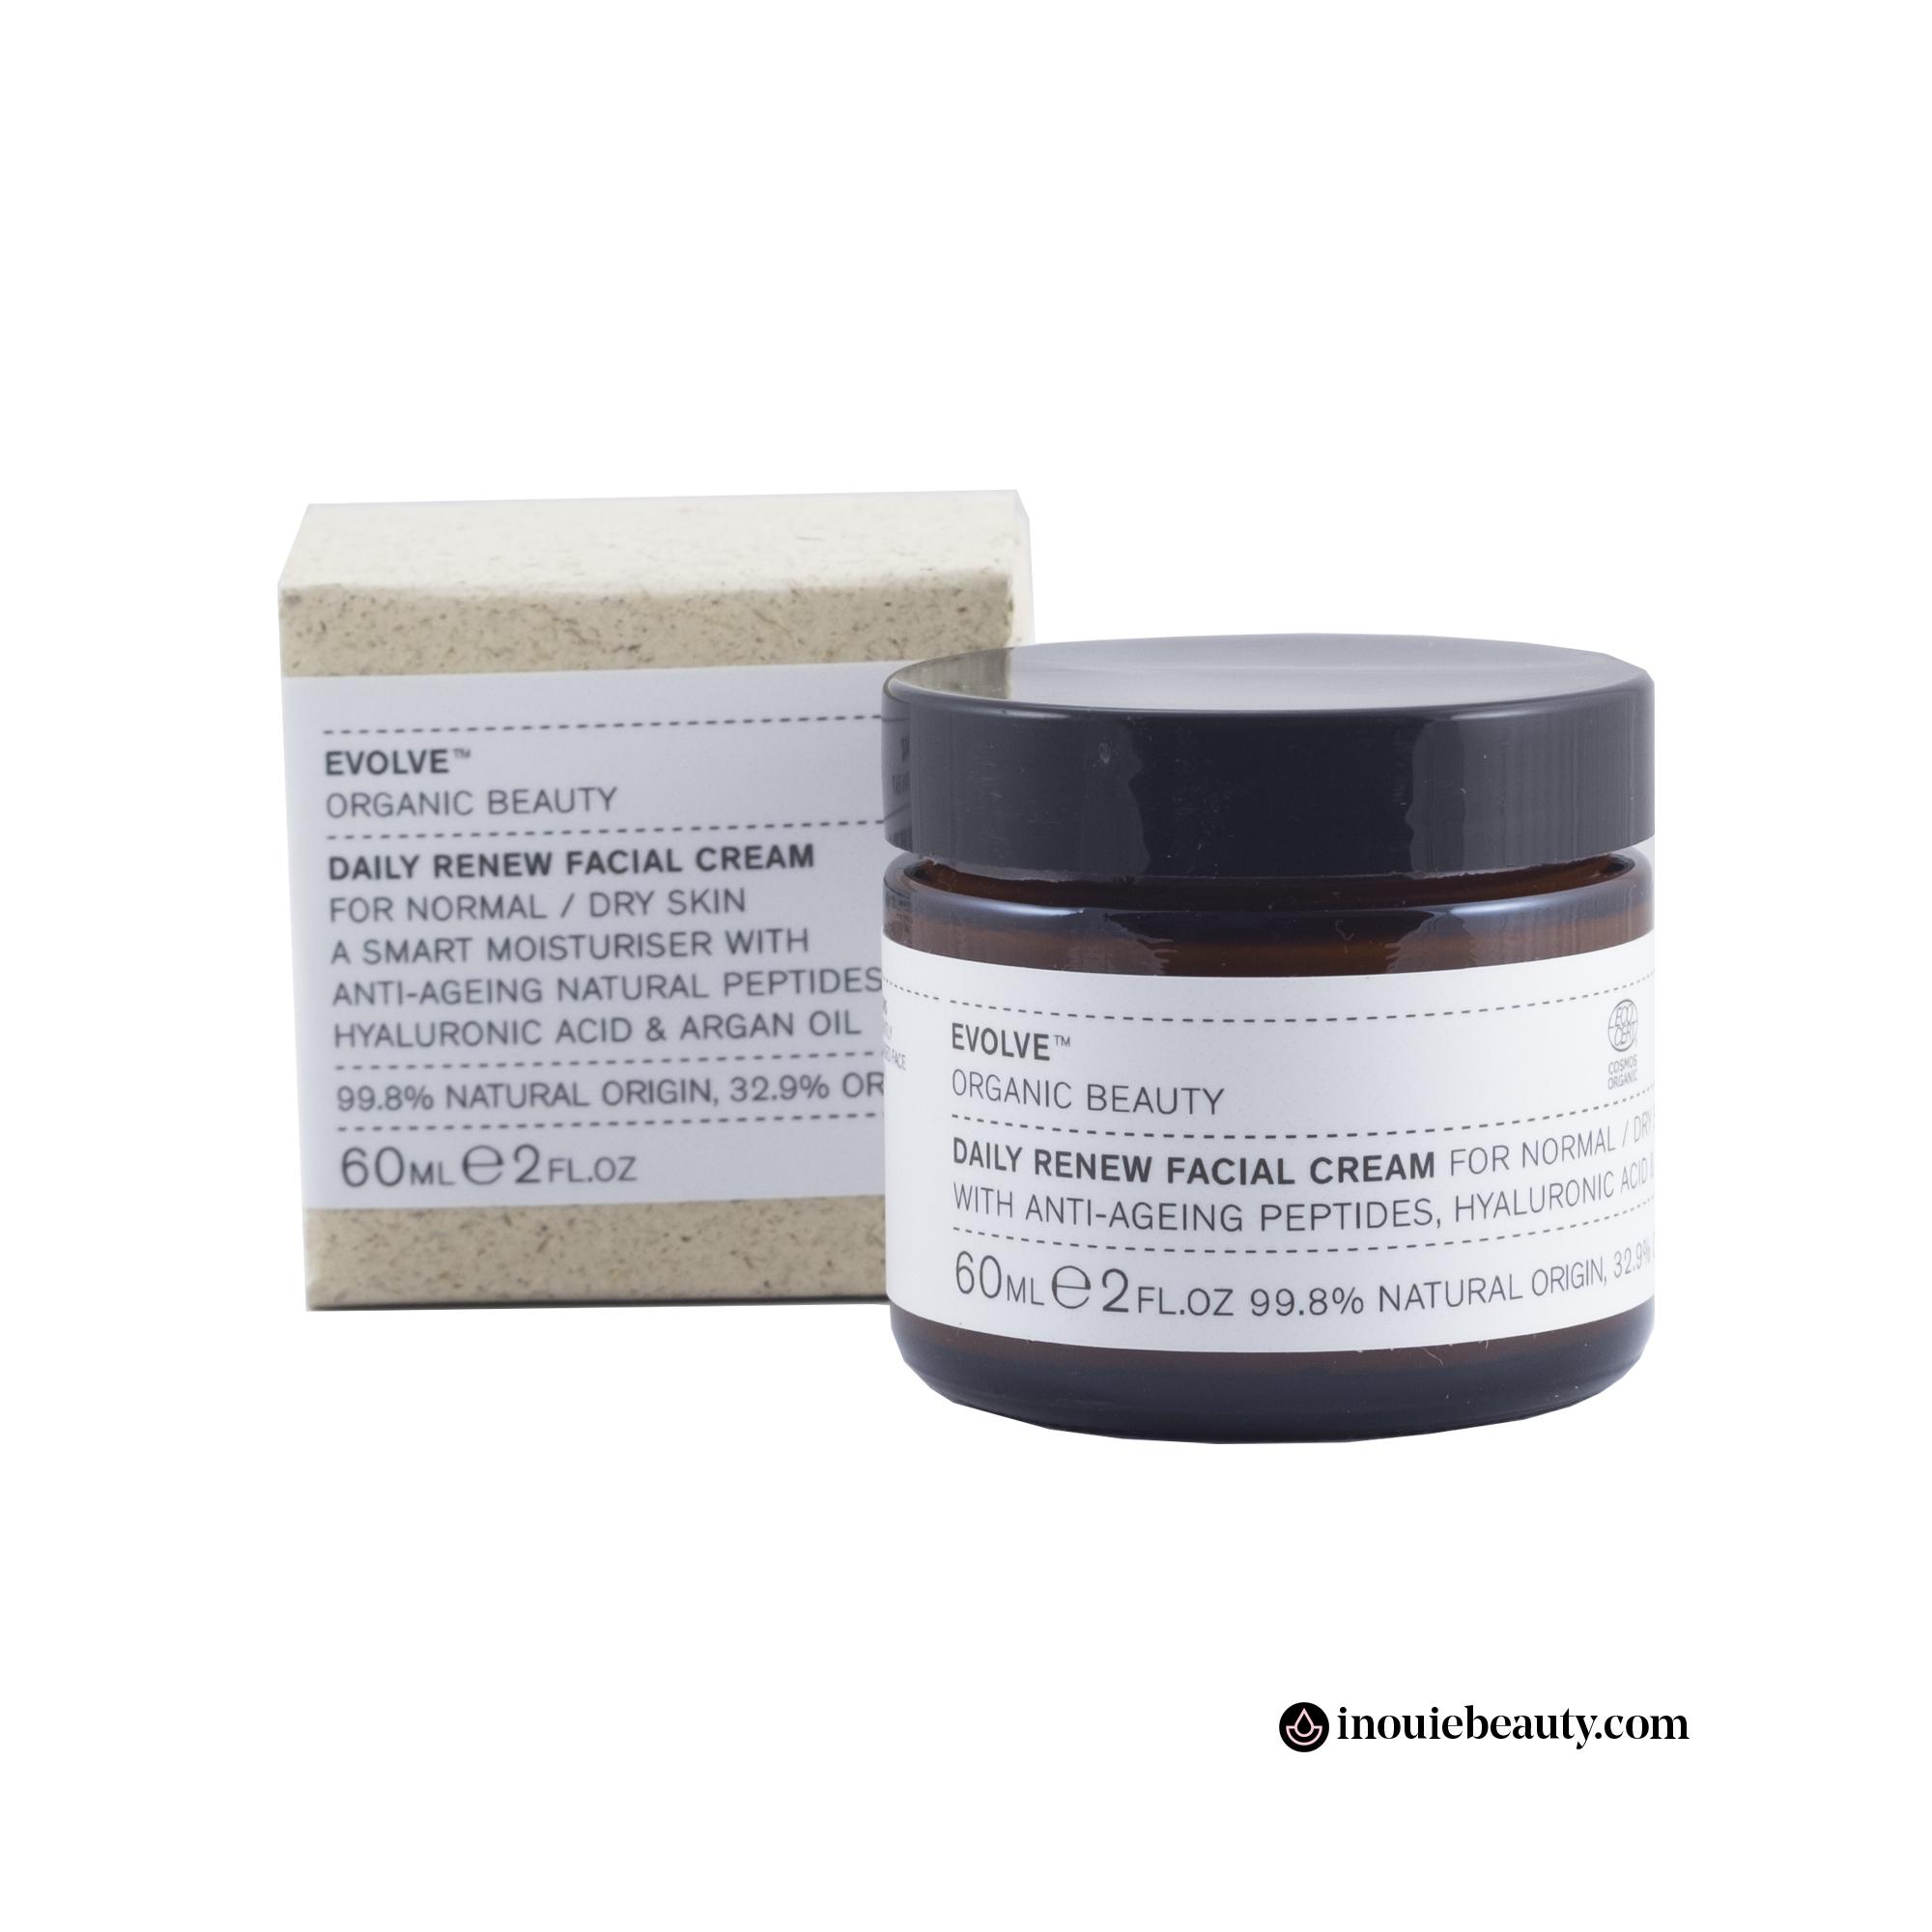 Evolve Daily Renew Facial Cream